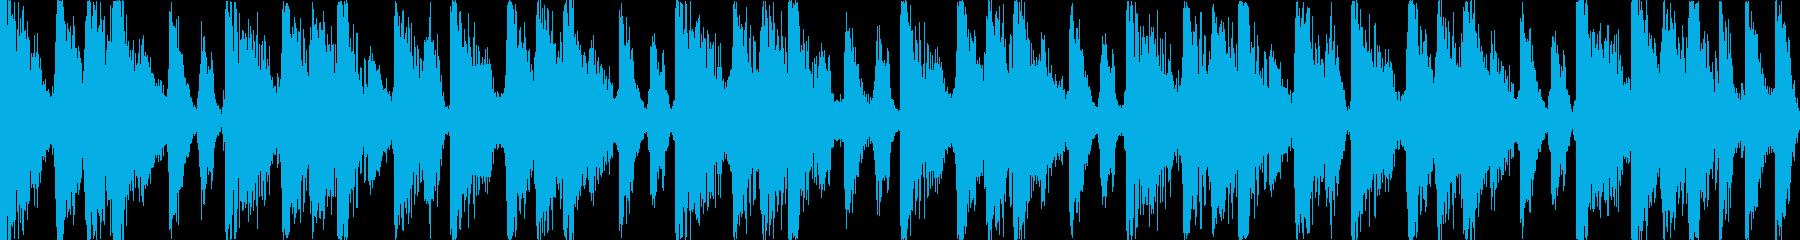 【ループC】ファンキーなブレイクビーツの再生済みの波形